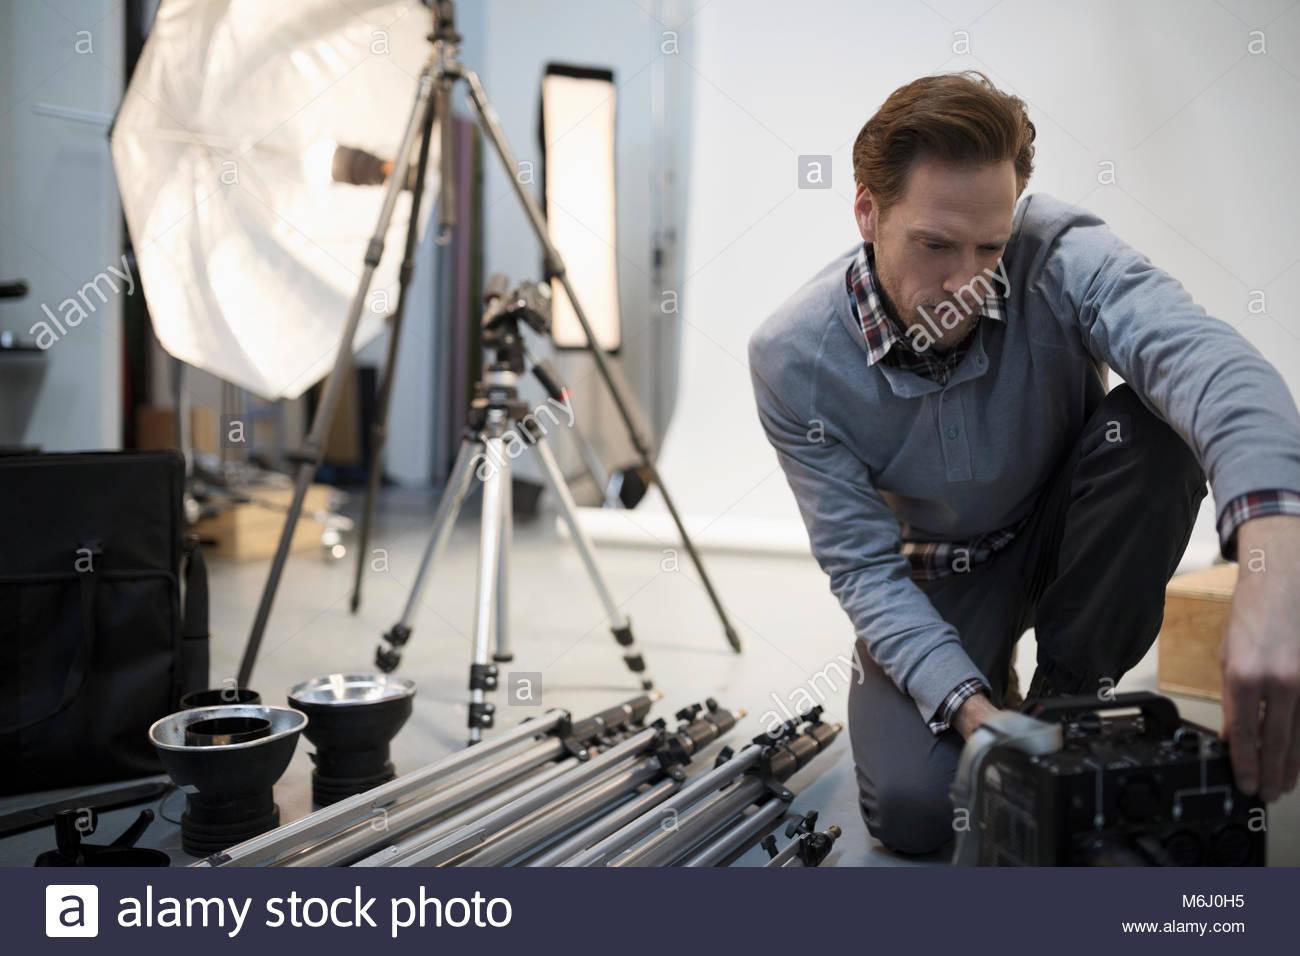 Männliche Fotograf Vorbereitung Ausrüstung für Fotoshooting im Studio Stockbild